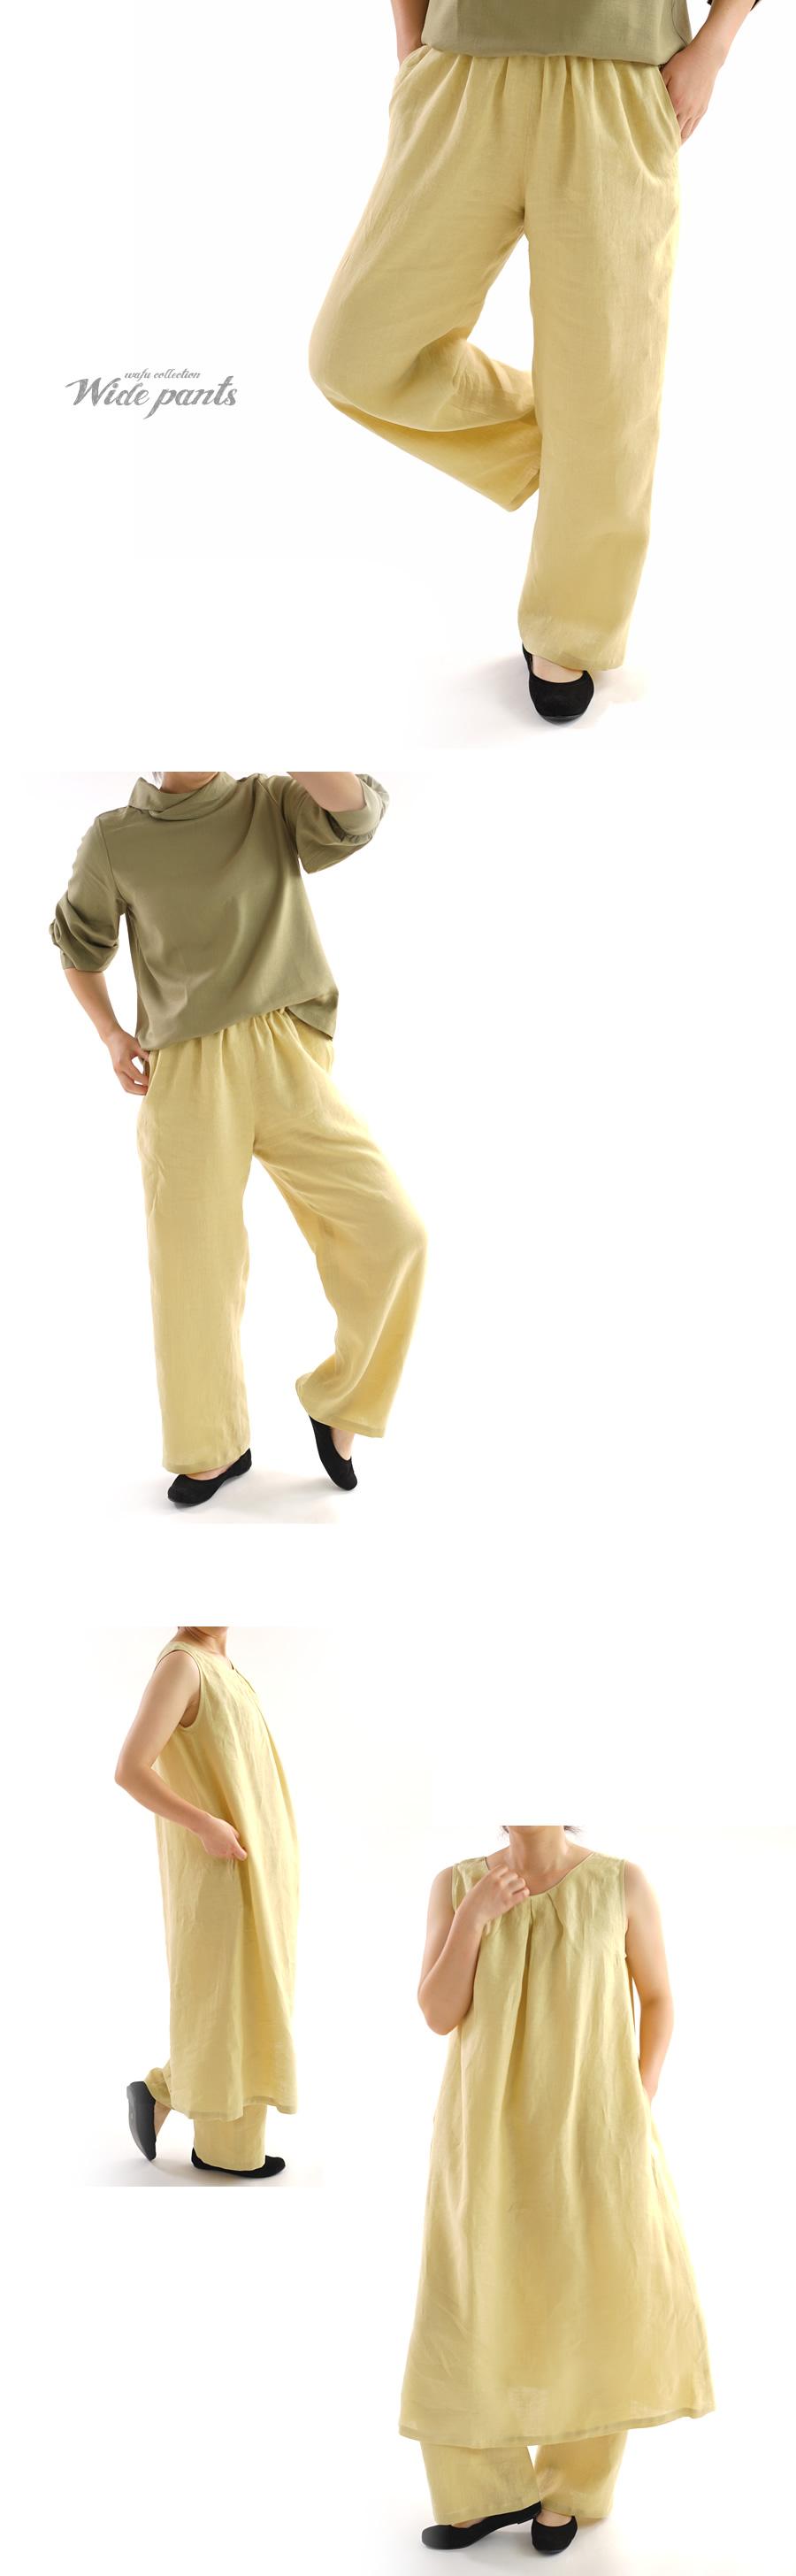 薄地 雅亜麻 リネン パンツ リラックスパンツ ボトムス ウエストゴム ポケットあり / 金糸雀色(かなりあいろ)【M】b001a-kai1